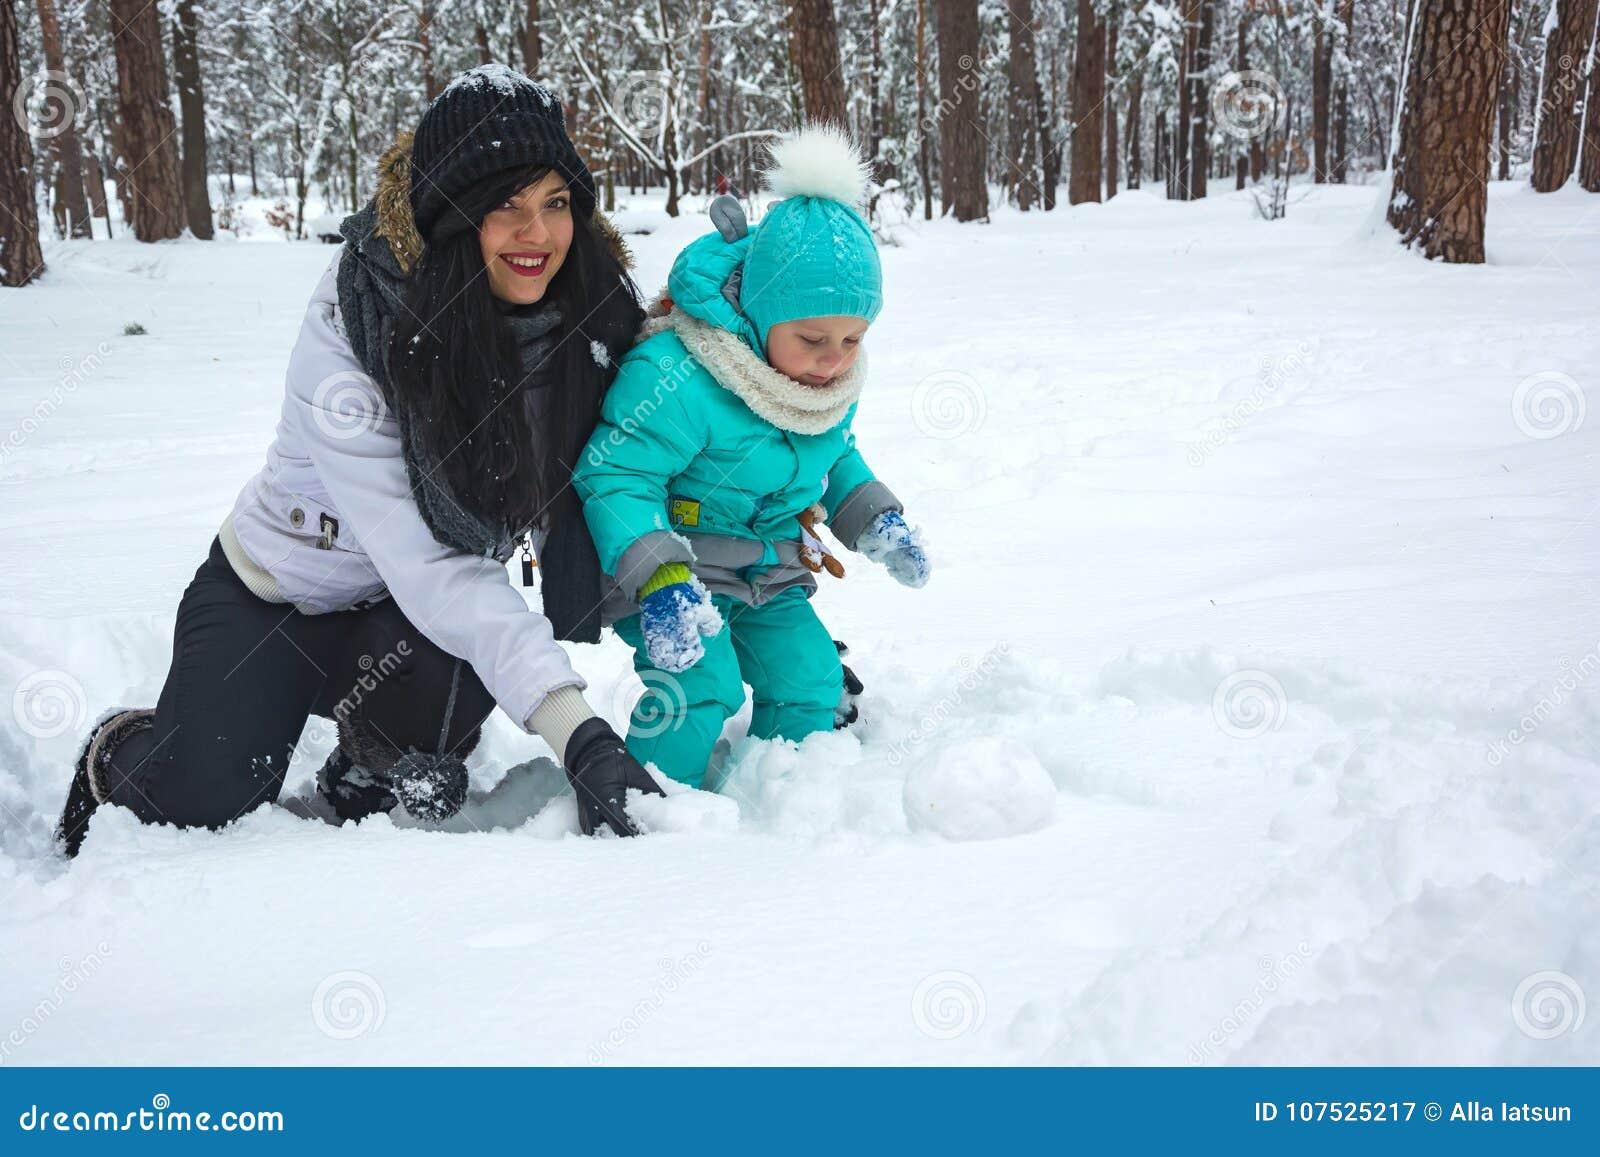 La mamá juega con el niño en la nieve